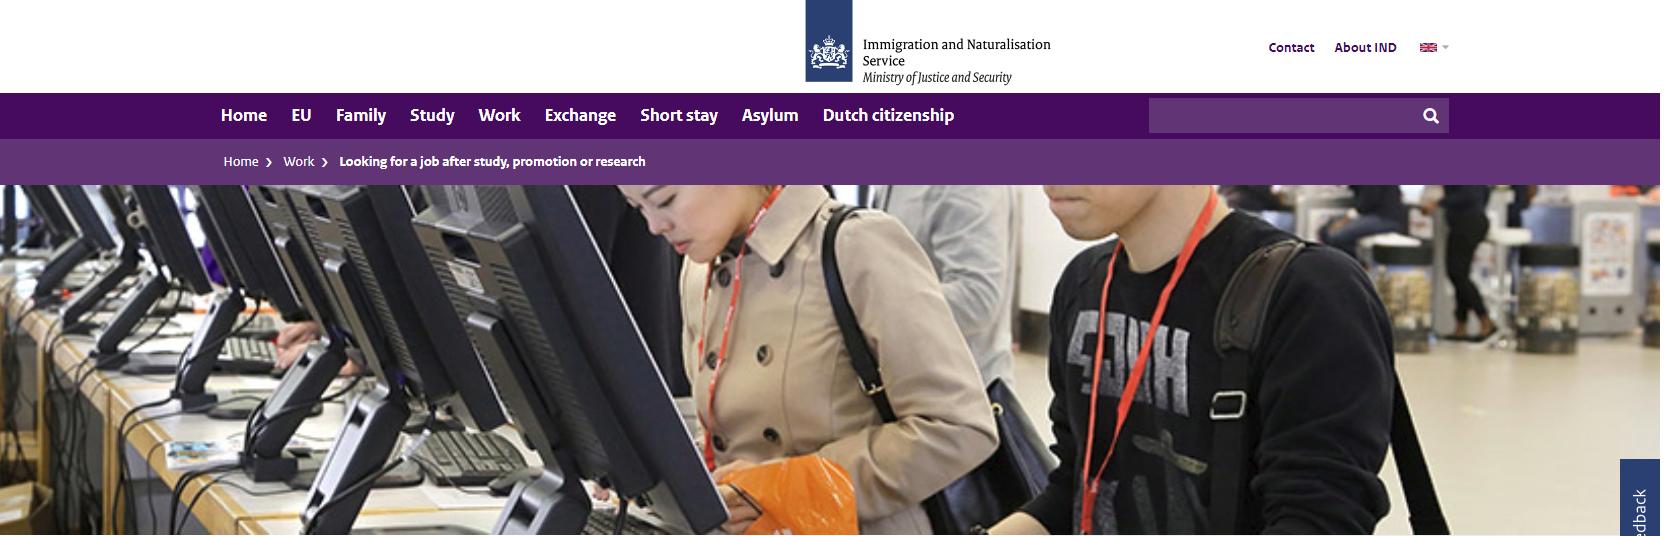 Career prospects - Leiden University